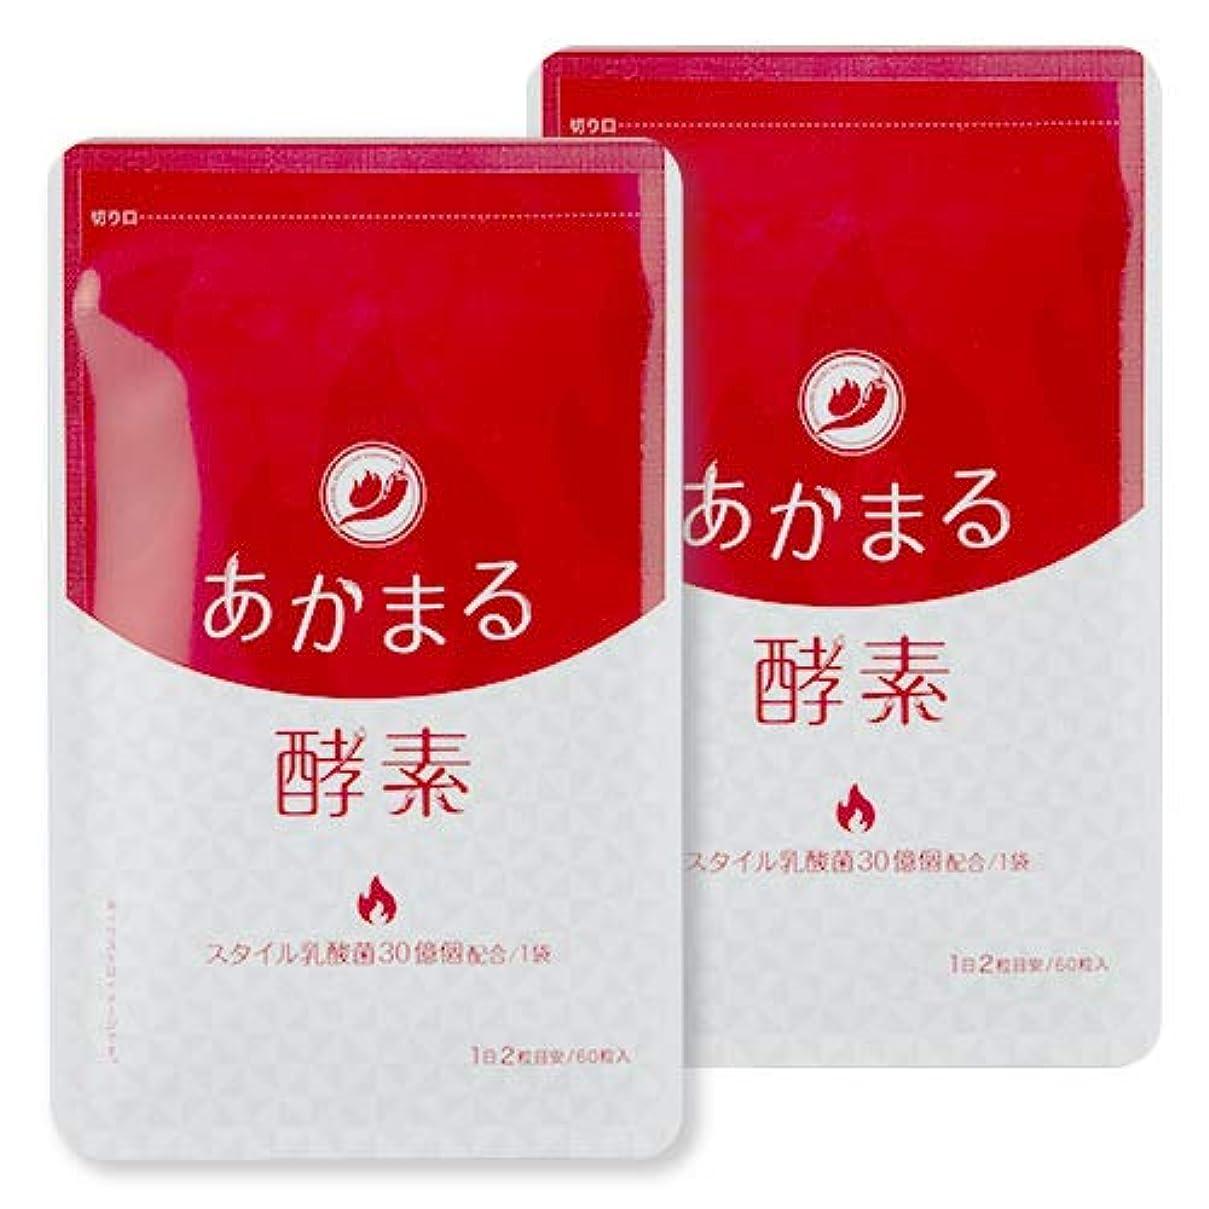 【公式】あかまる酵素 ダイエットサプリ 2袋セット